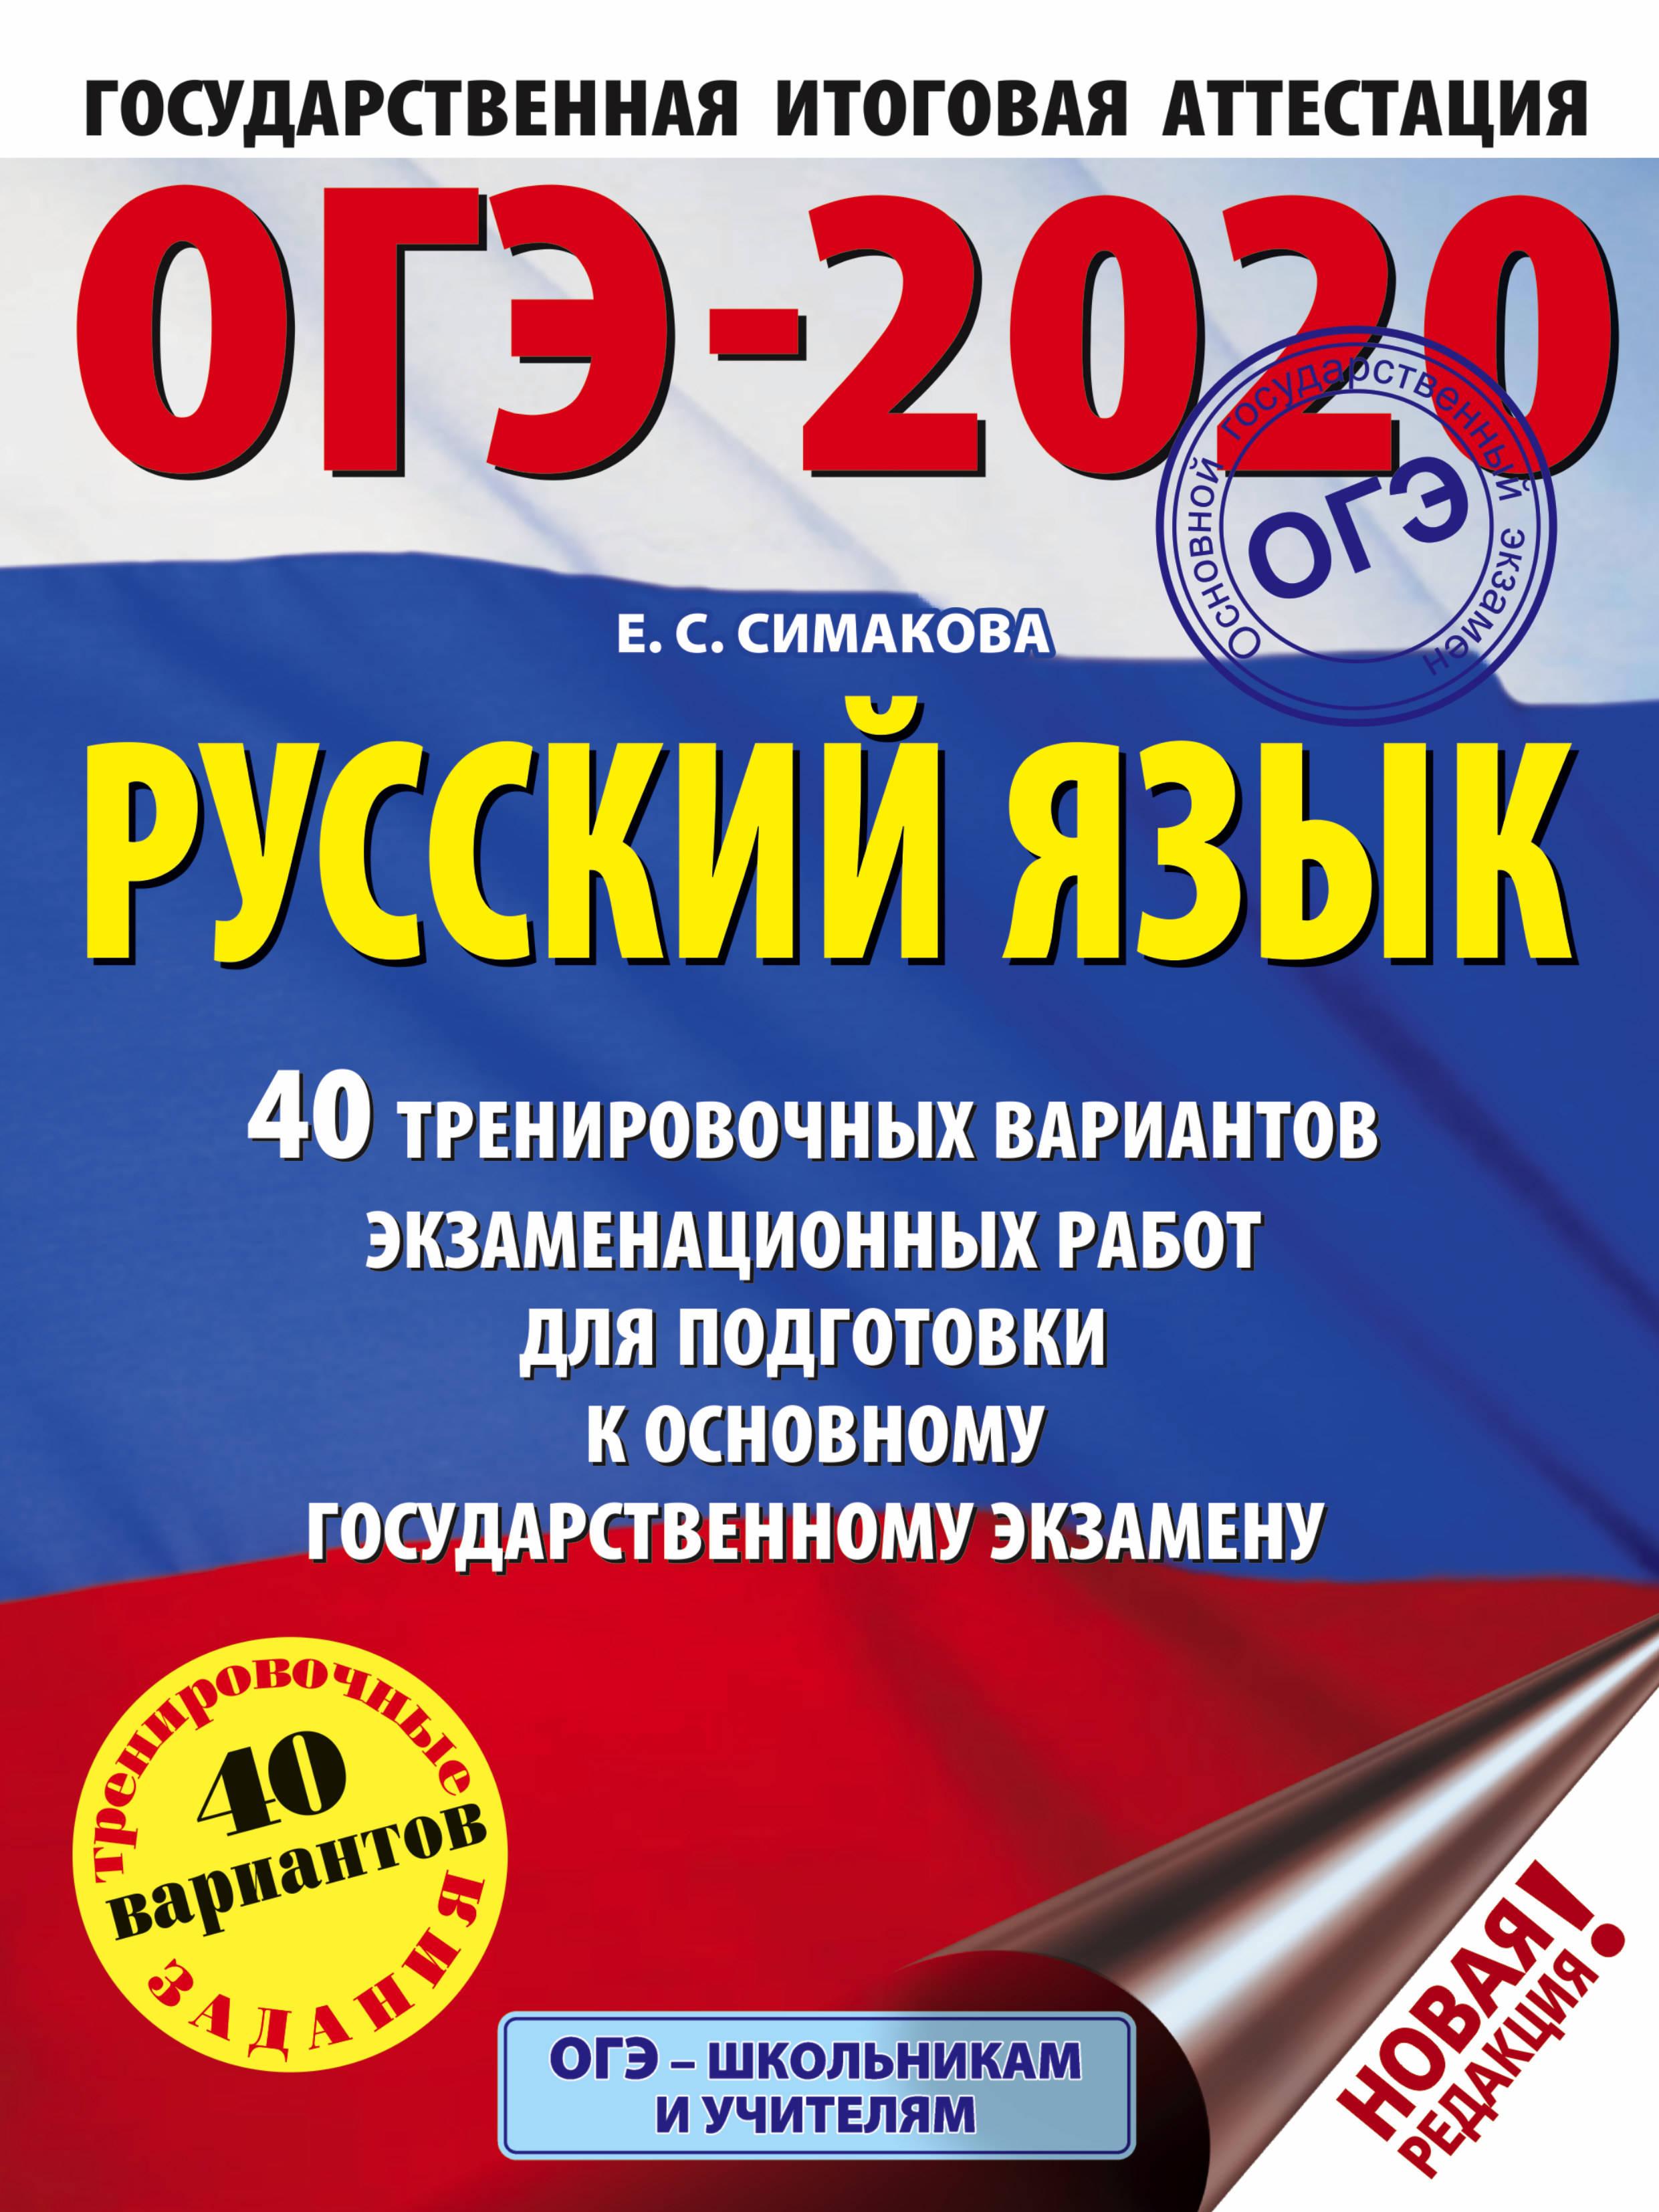 ОГЭ-2020. Русский язык (60х84/8) 40 тренировочных вариантов экзаменационных работ для подготовки к ОГЭ